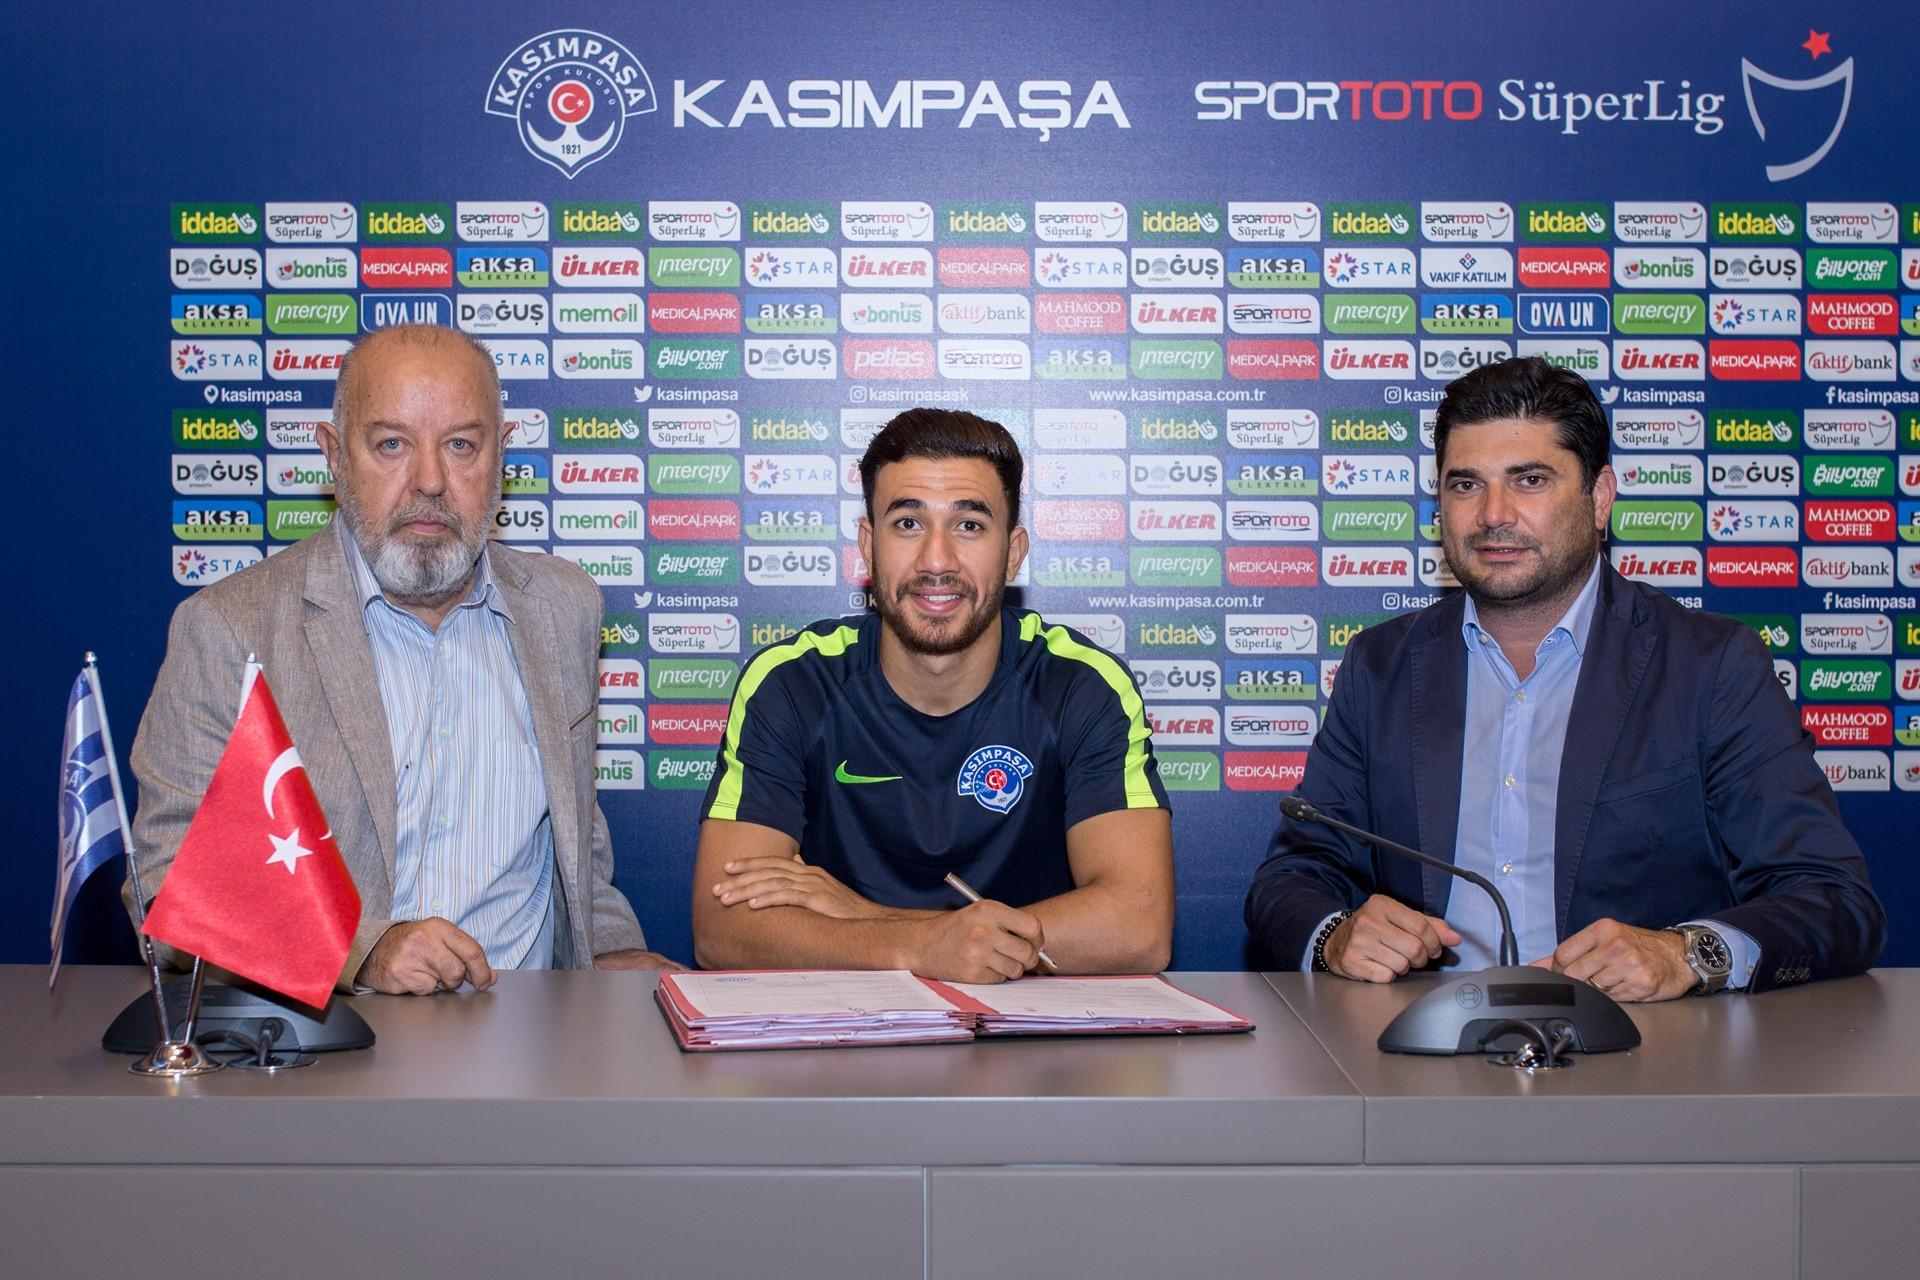 Kasımpaşa'dan Trezeguet açıklaması! Galatasaray'dan transfer teklifi geldi mi?